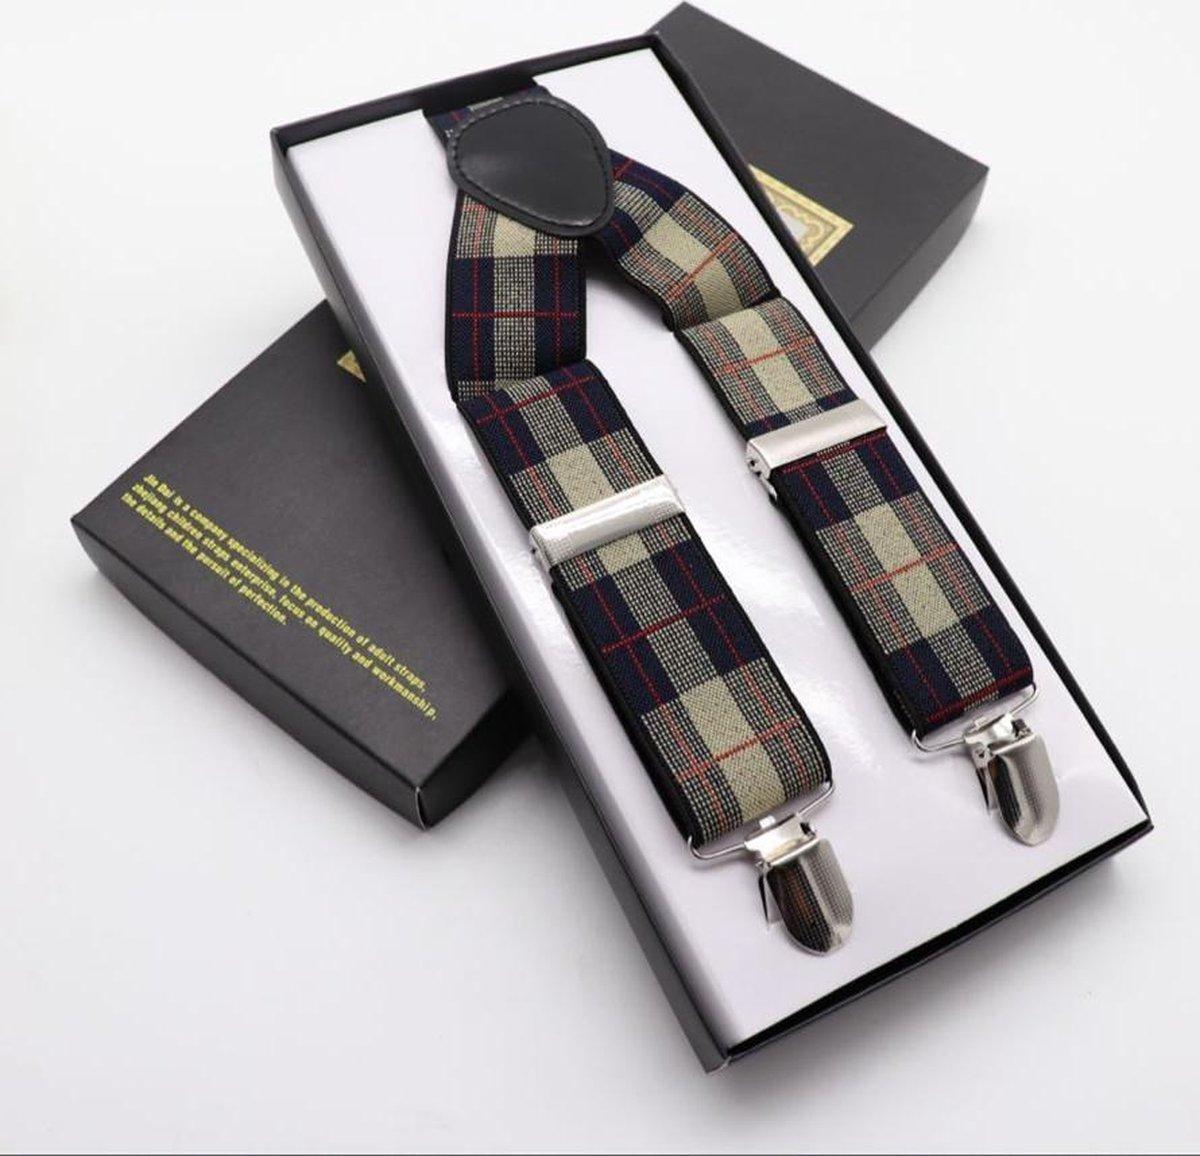 San Vitale Moderne bretels met klemsluiting om ze aan de broeksband te bevestigen. Let op, niet verpakt in een doosje zoals op de foto, maar in een gesealde kunststof verpakking. 7 verschillende, moderne en klassieke dessins. - San Vitale